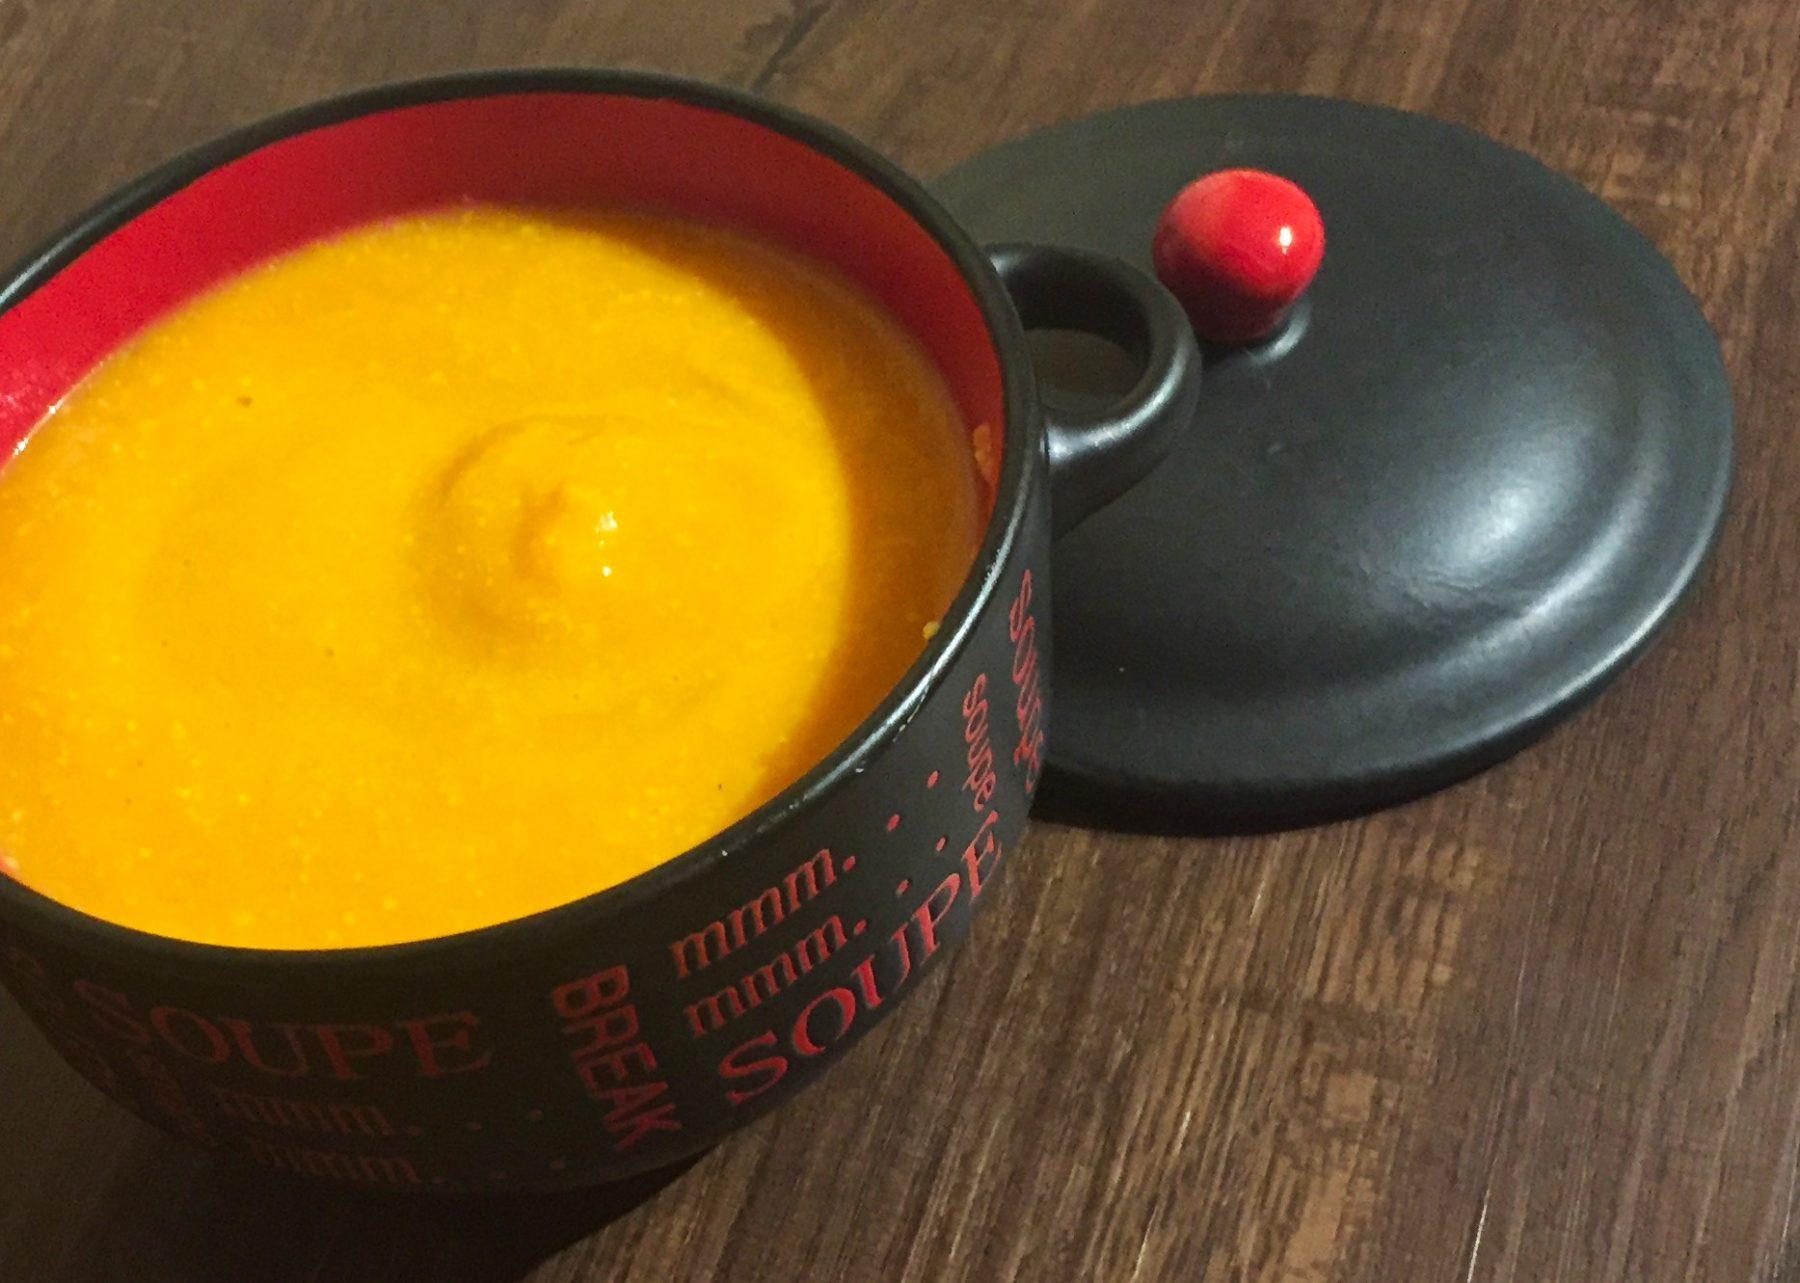 IMG 1724 - Velouté de carottes au Brie (recette Companion)